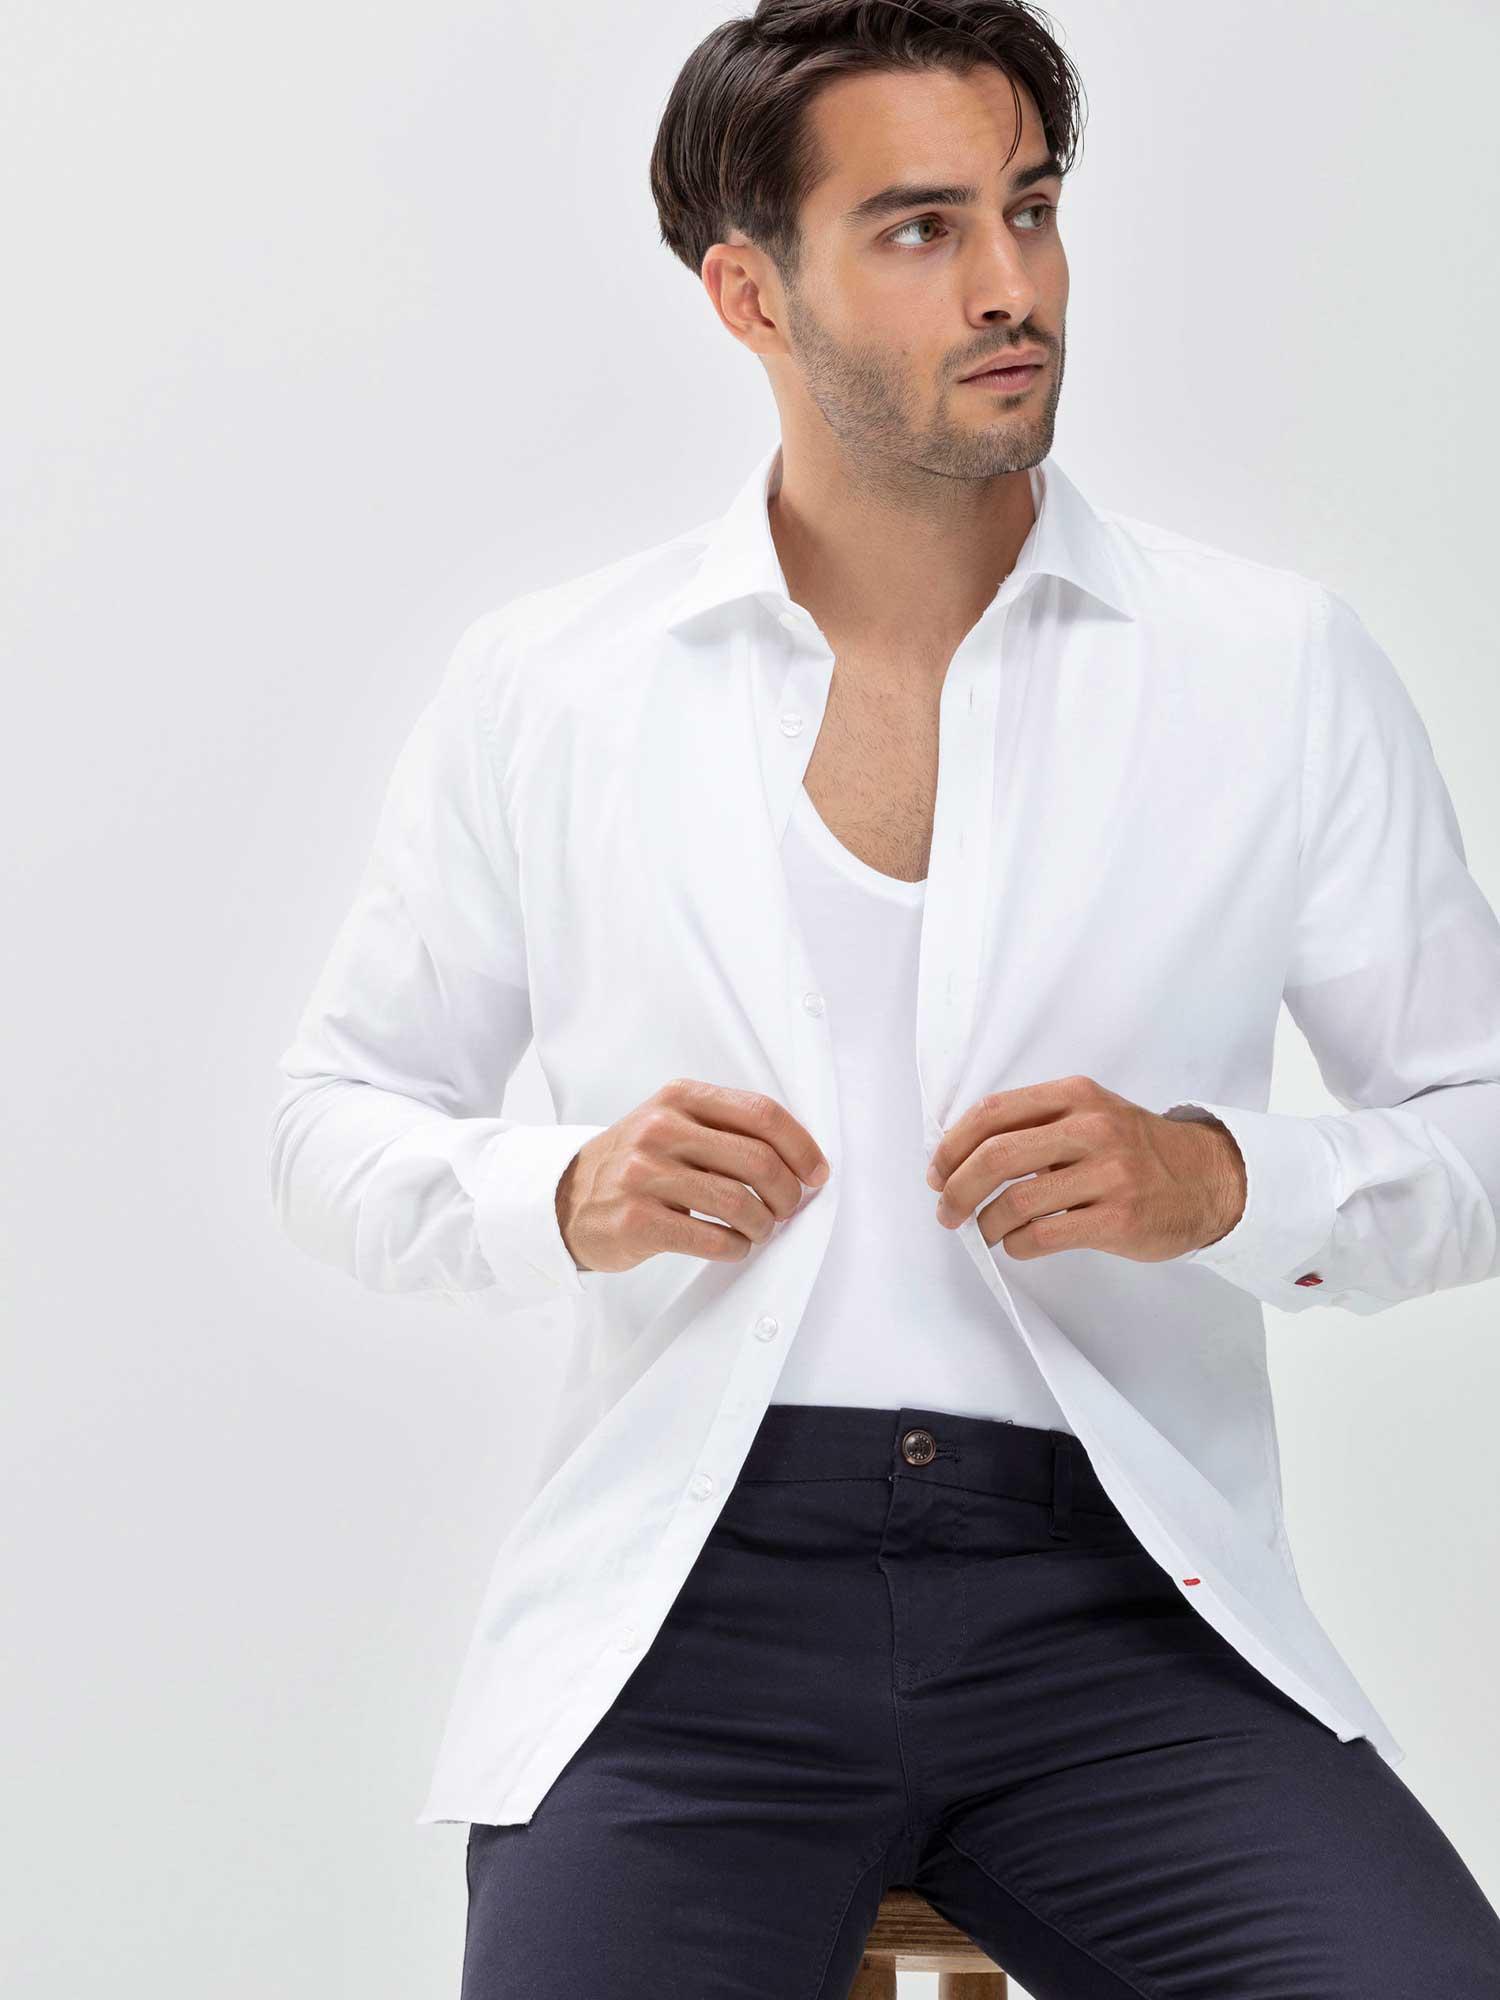 Schlichte Eleganz für den Business-Look | mey®